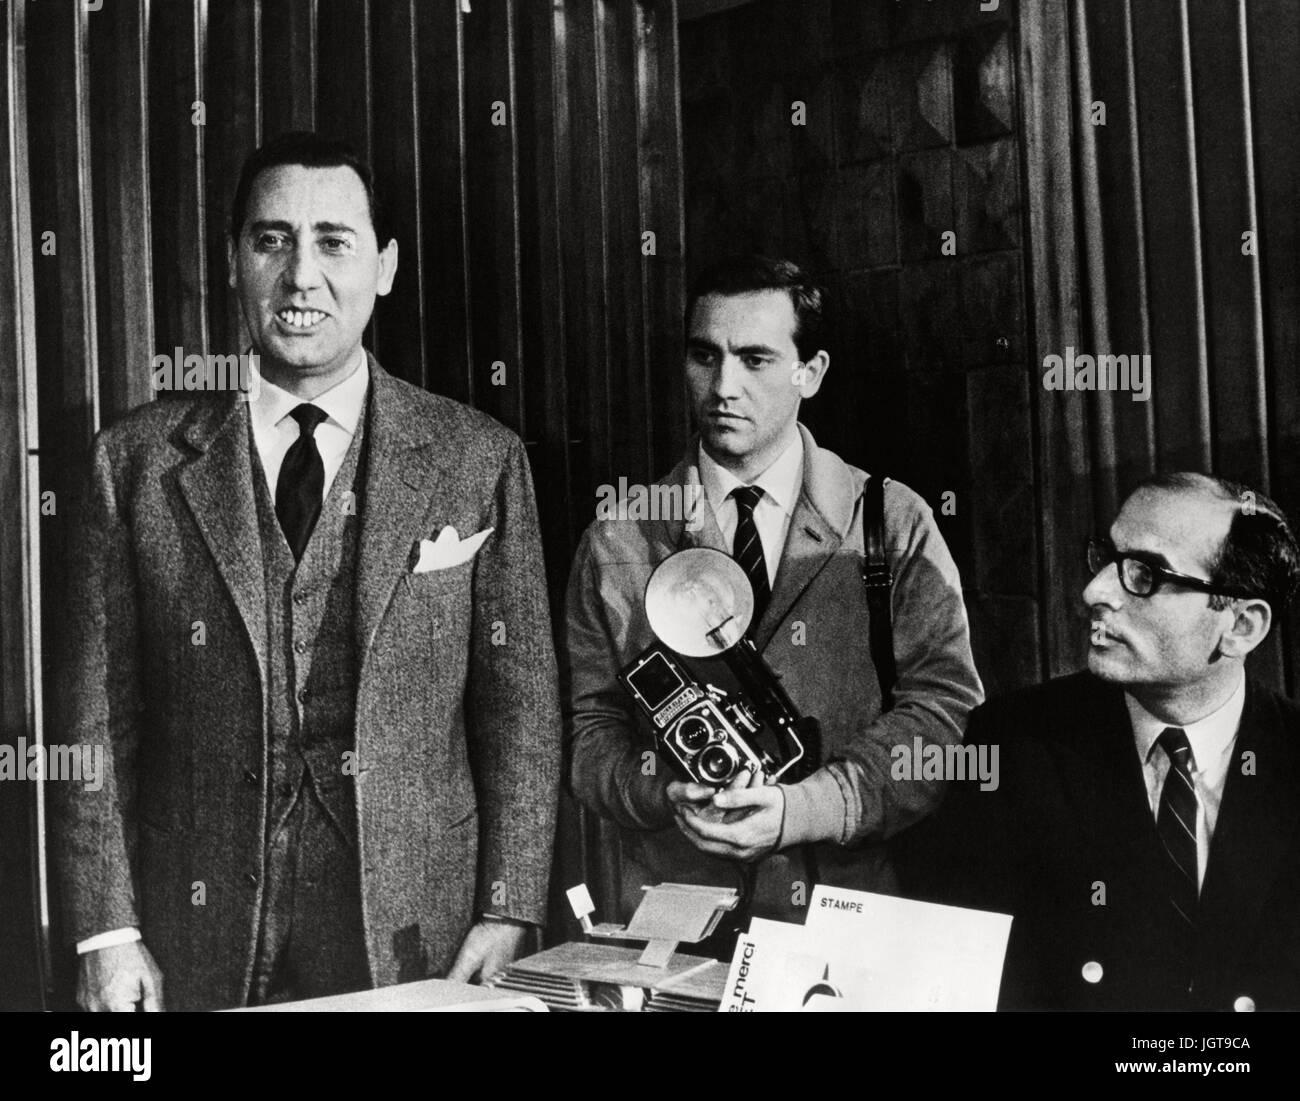 Alberto D Amico i complessi - guglielmo il dentone complexes year : 1965